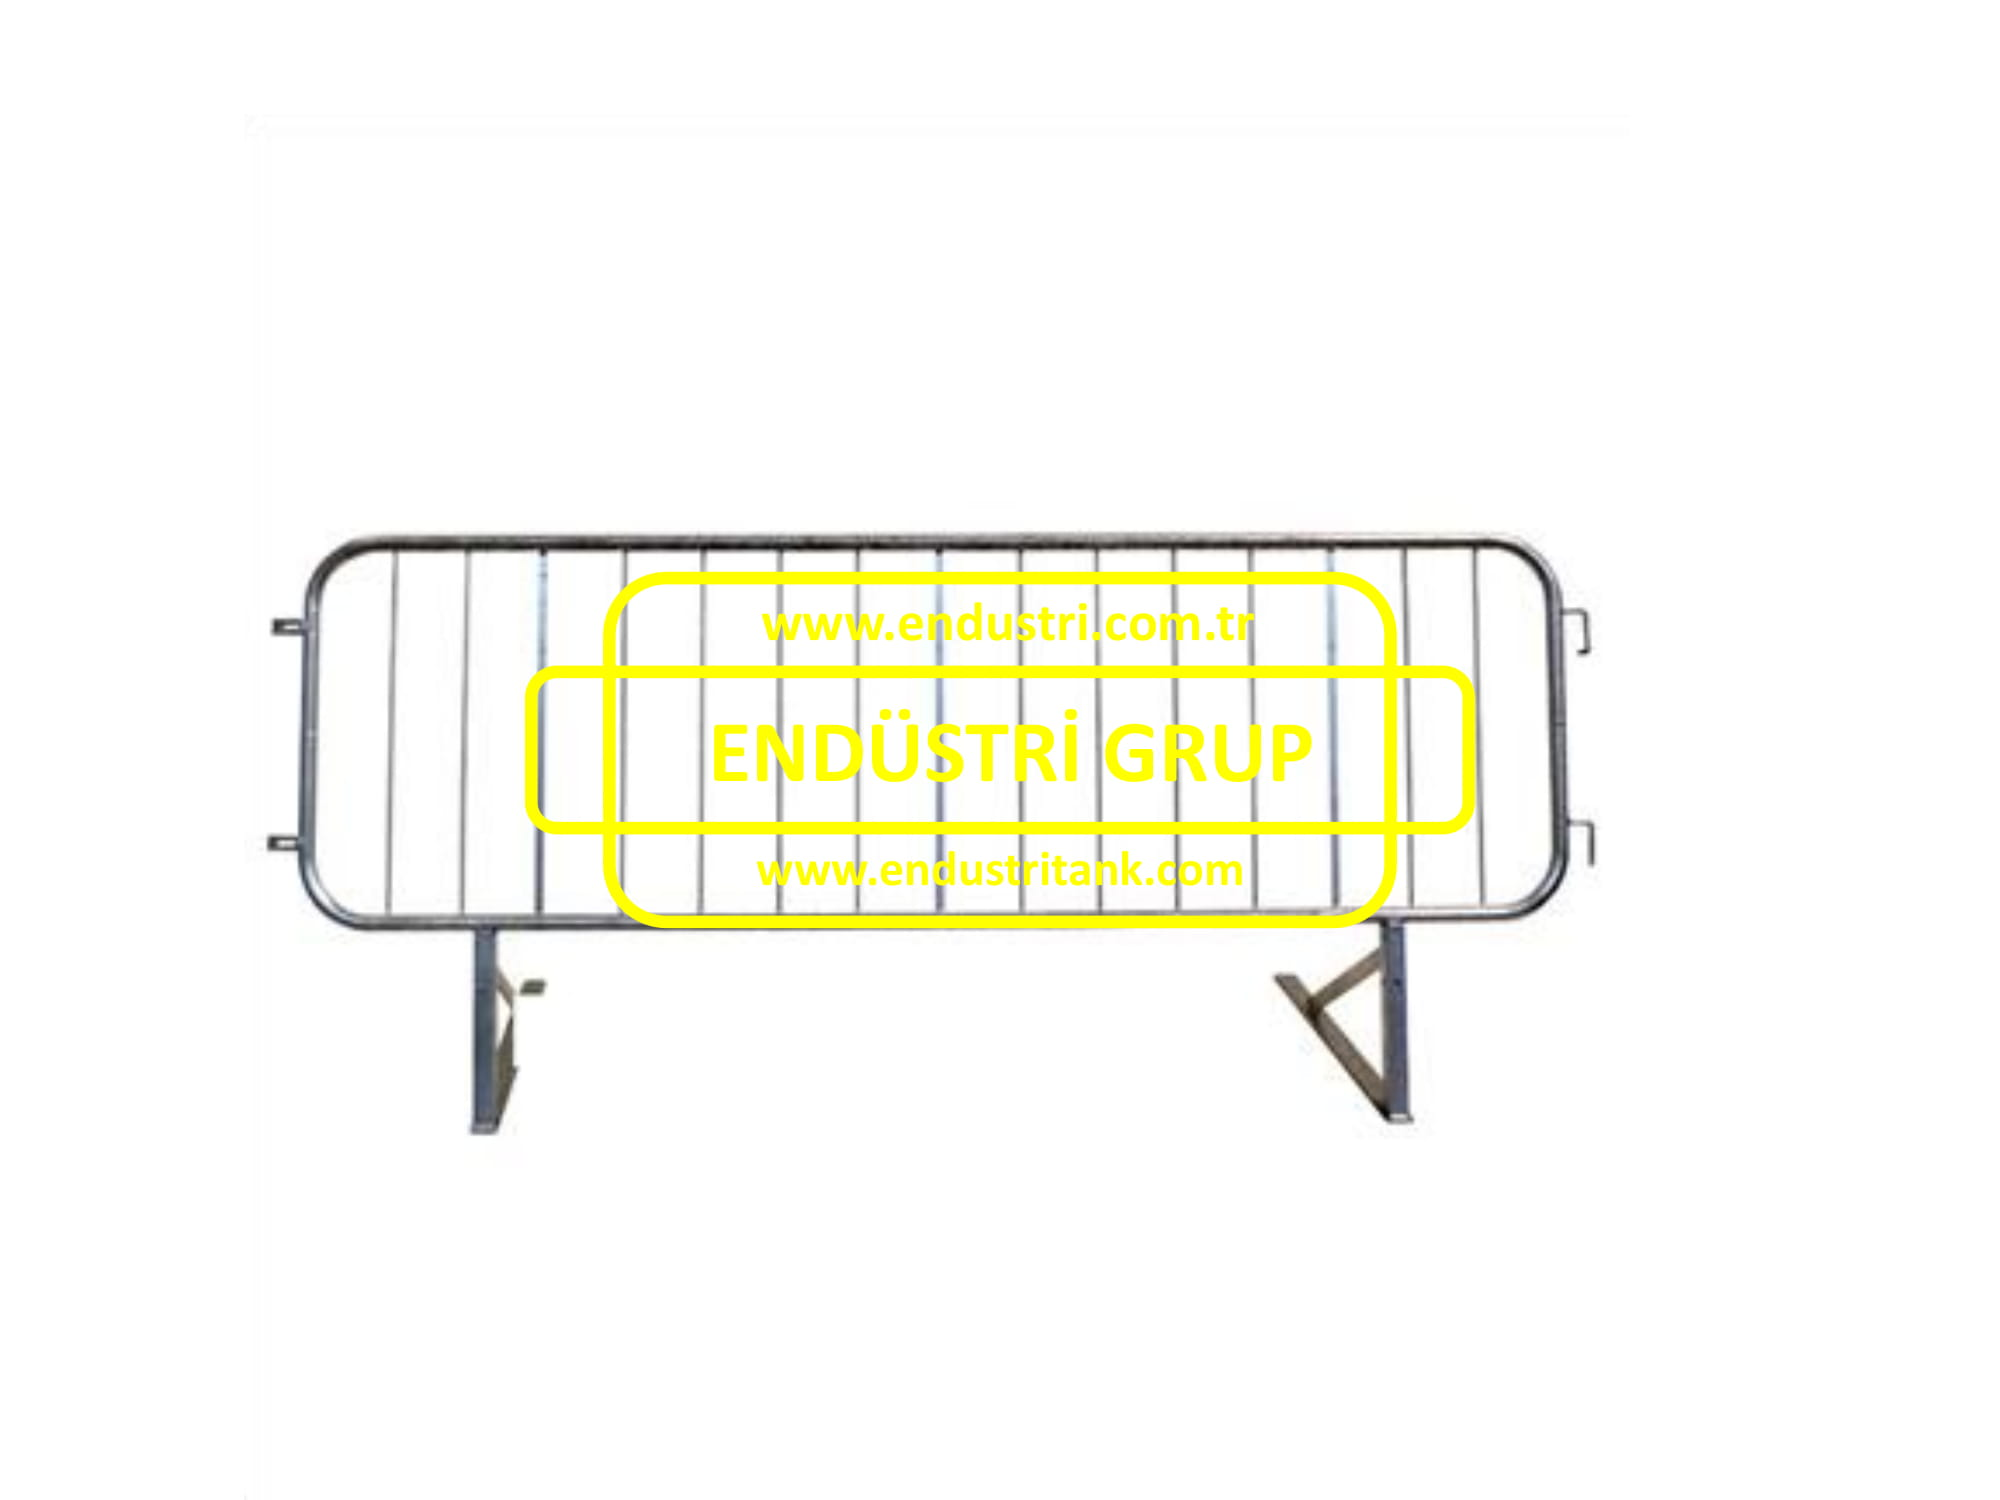 koruma-barikat-bariyerleri-otopark-kolon-duvar-kose-cam-raf-makine-koruyucu-panelleri-fiyati